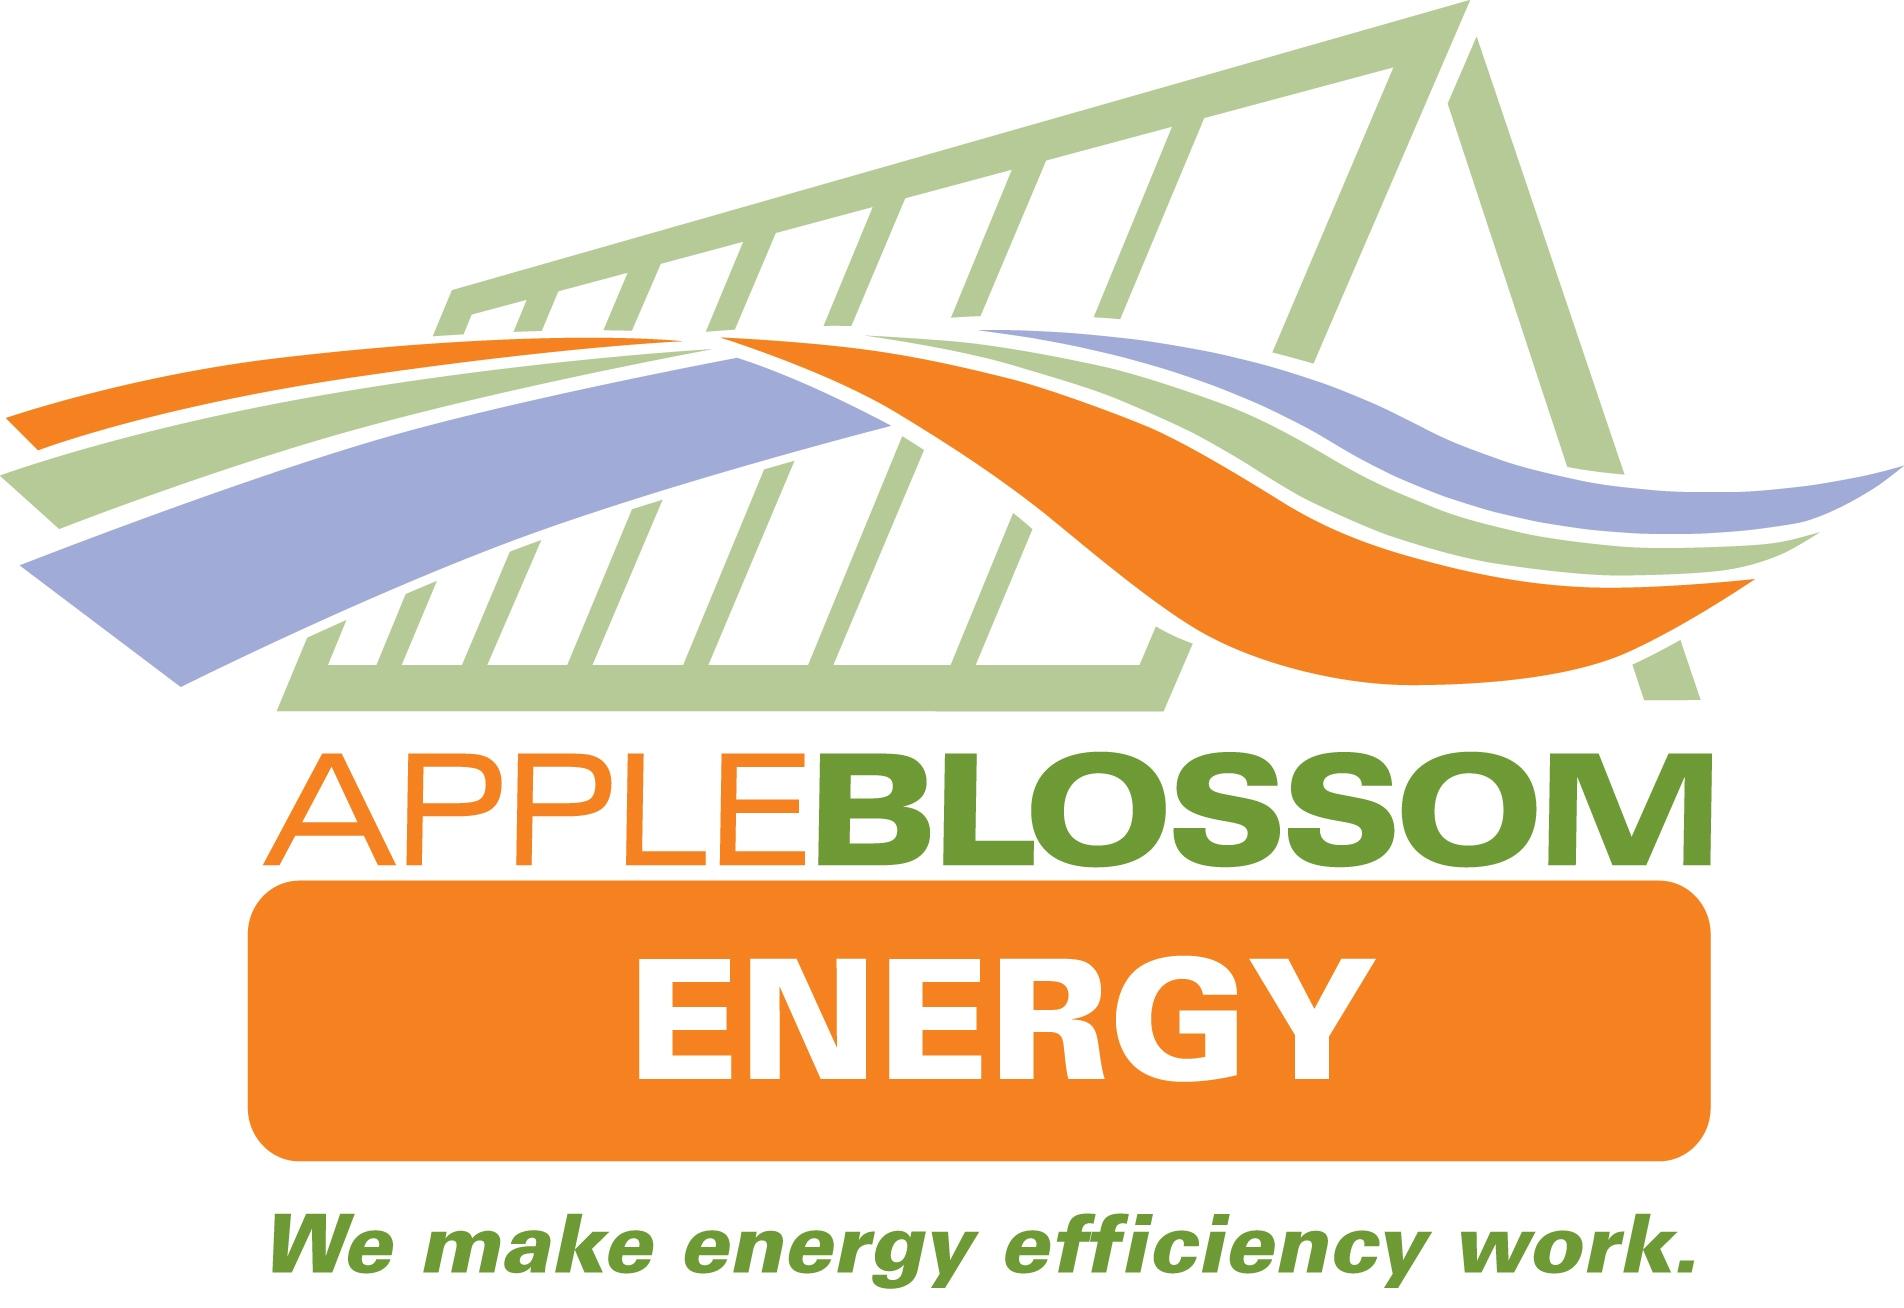 AppleBlossom Energy Inc. company logo